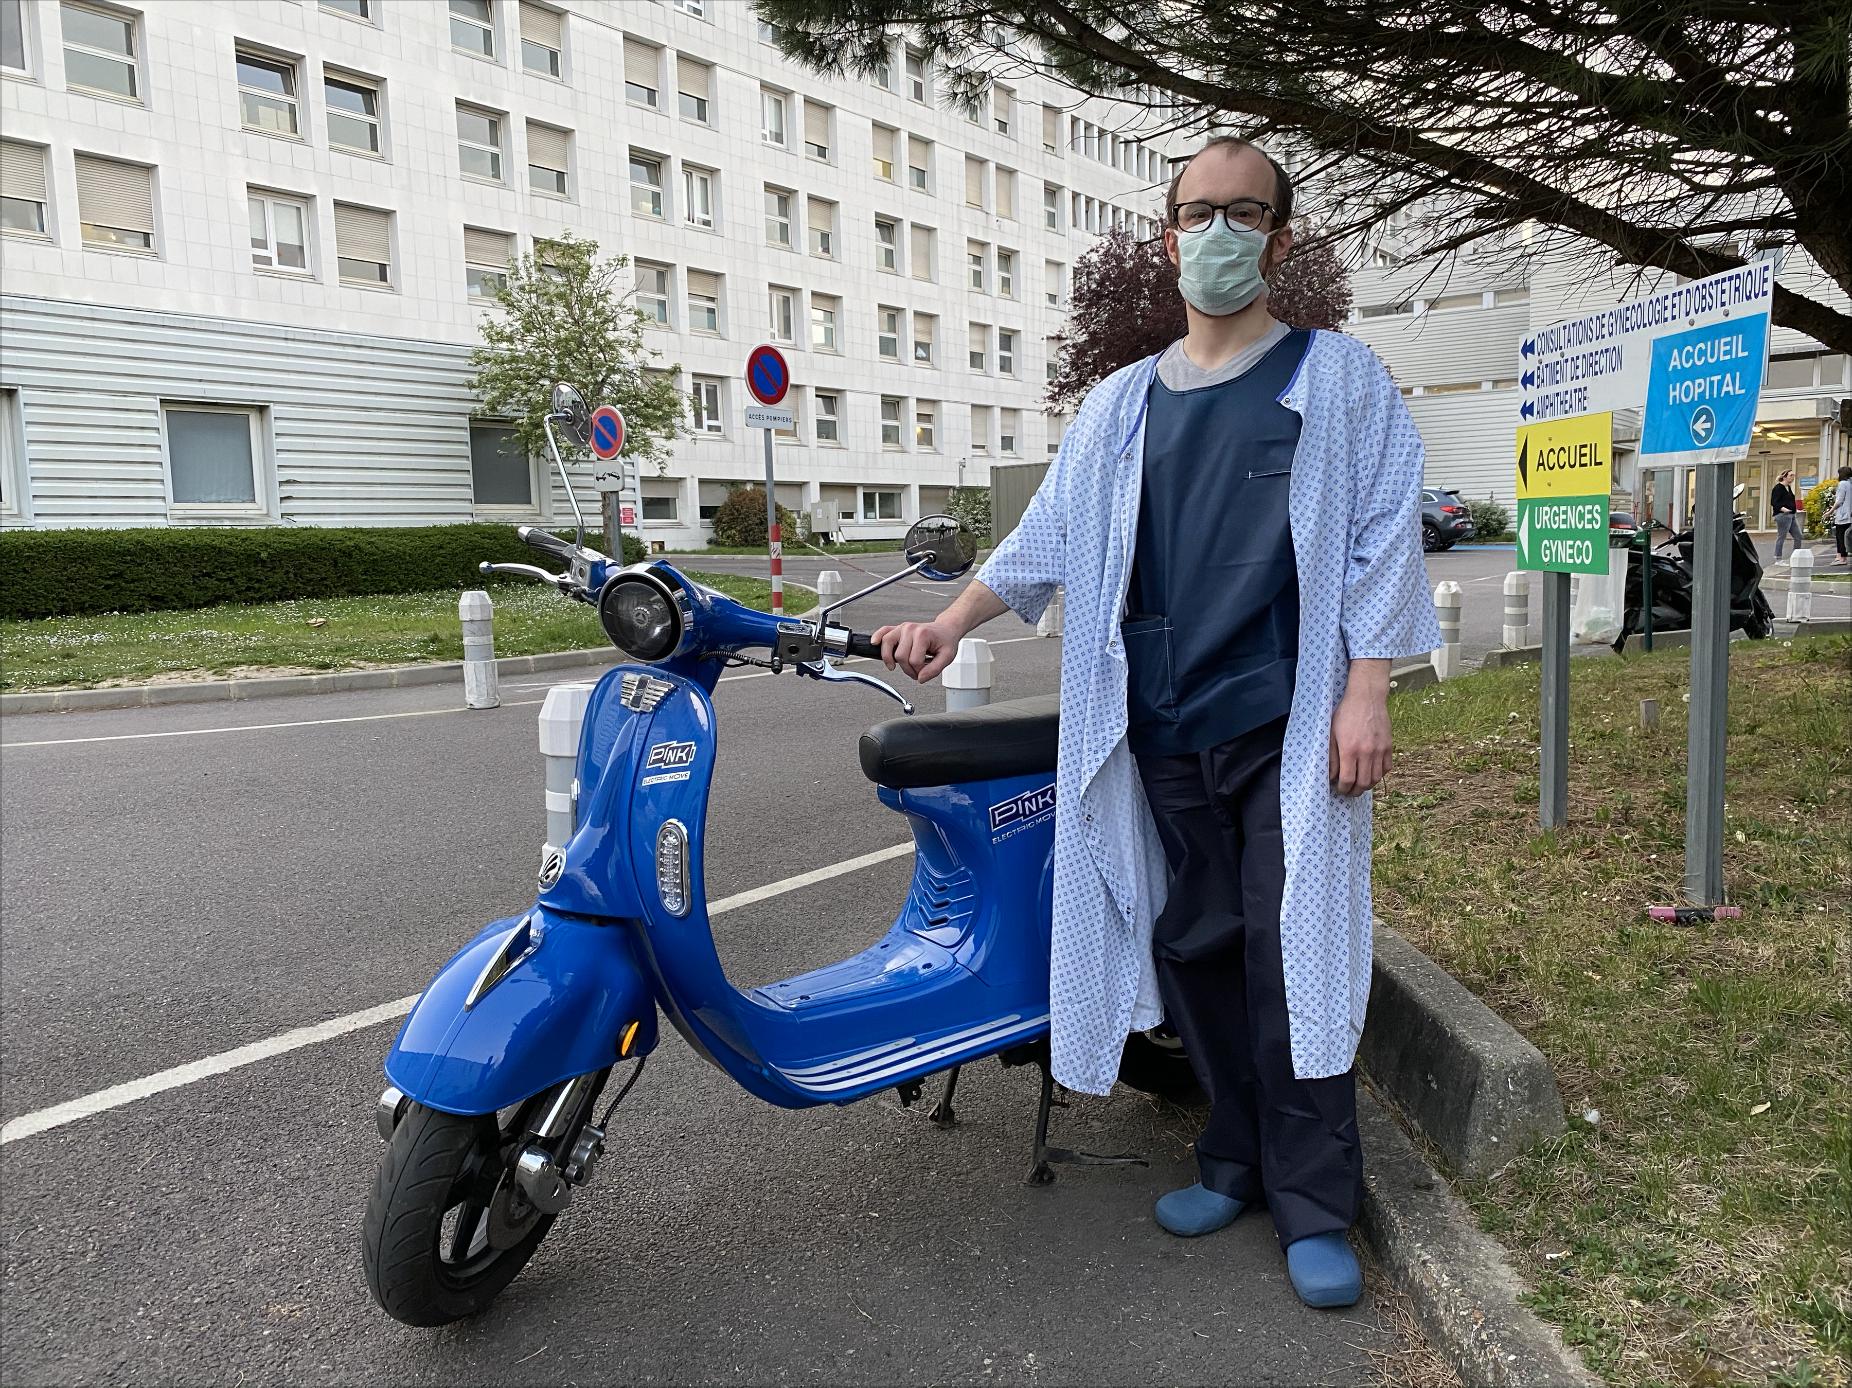 Image à la une – Le Parisien – Les scooters électriques Pink Mobility prêtés gratuitement aux soignants